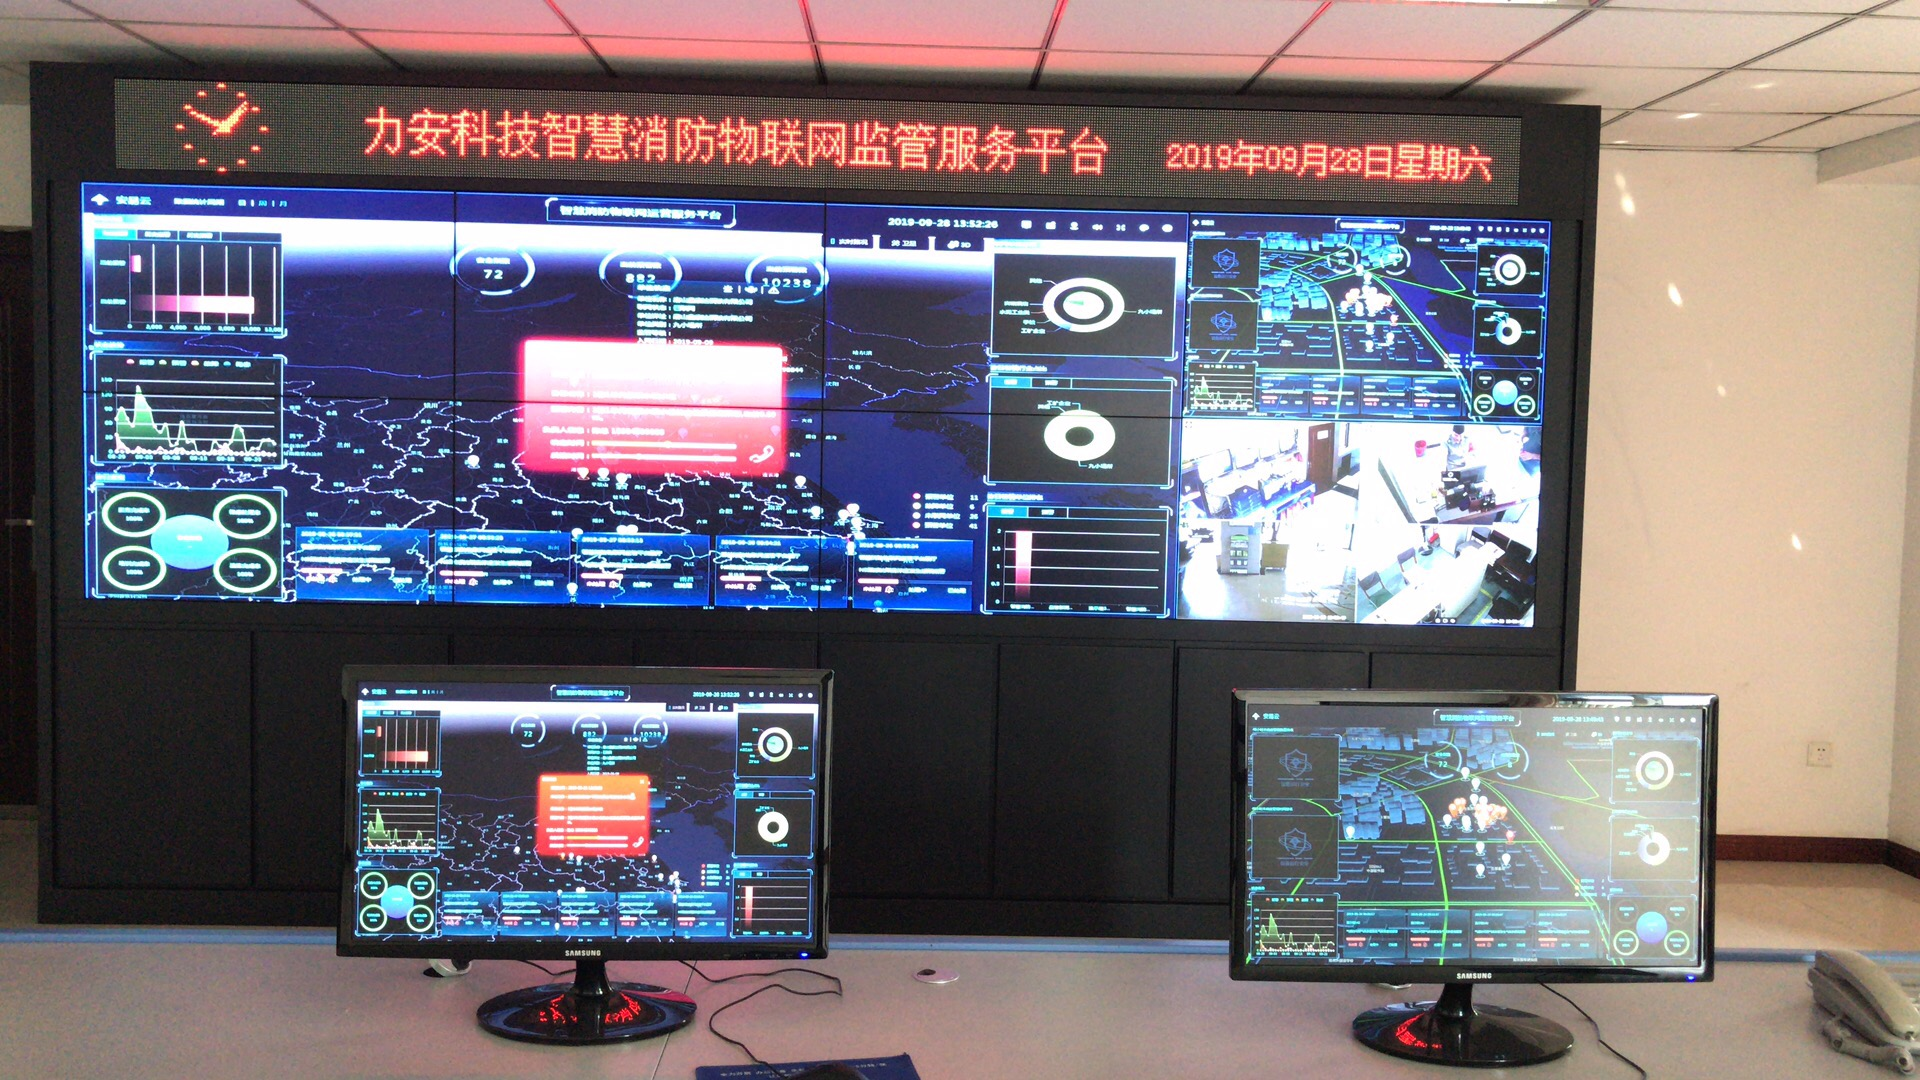 智慧消防物联网远程监管平台